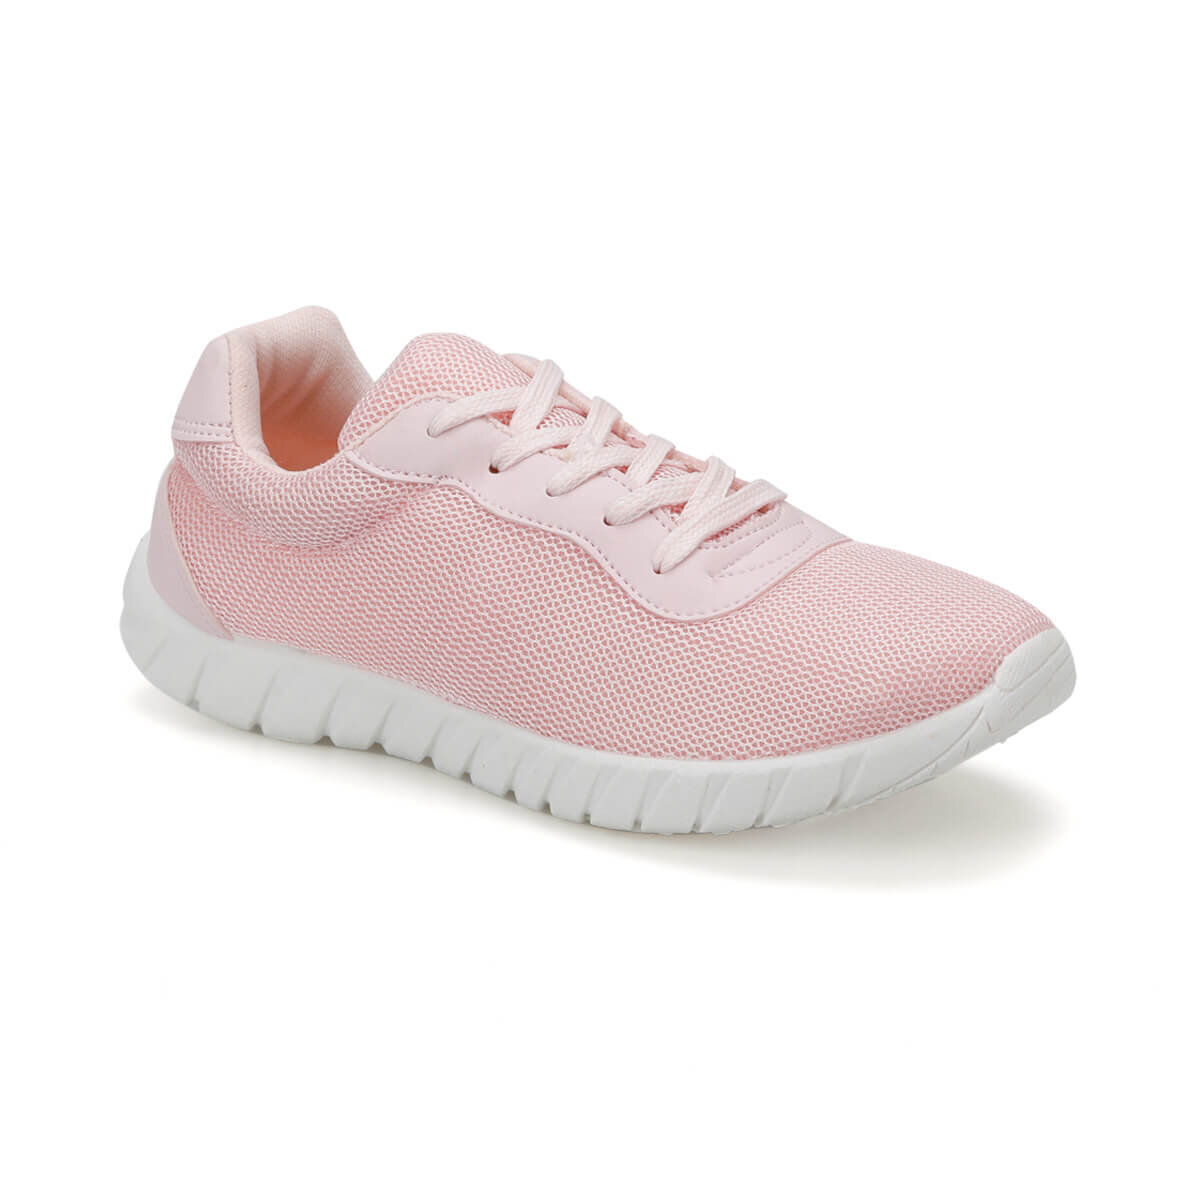 PEMBE Kadın Spor Ayakkabı